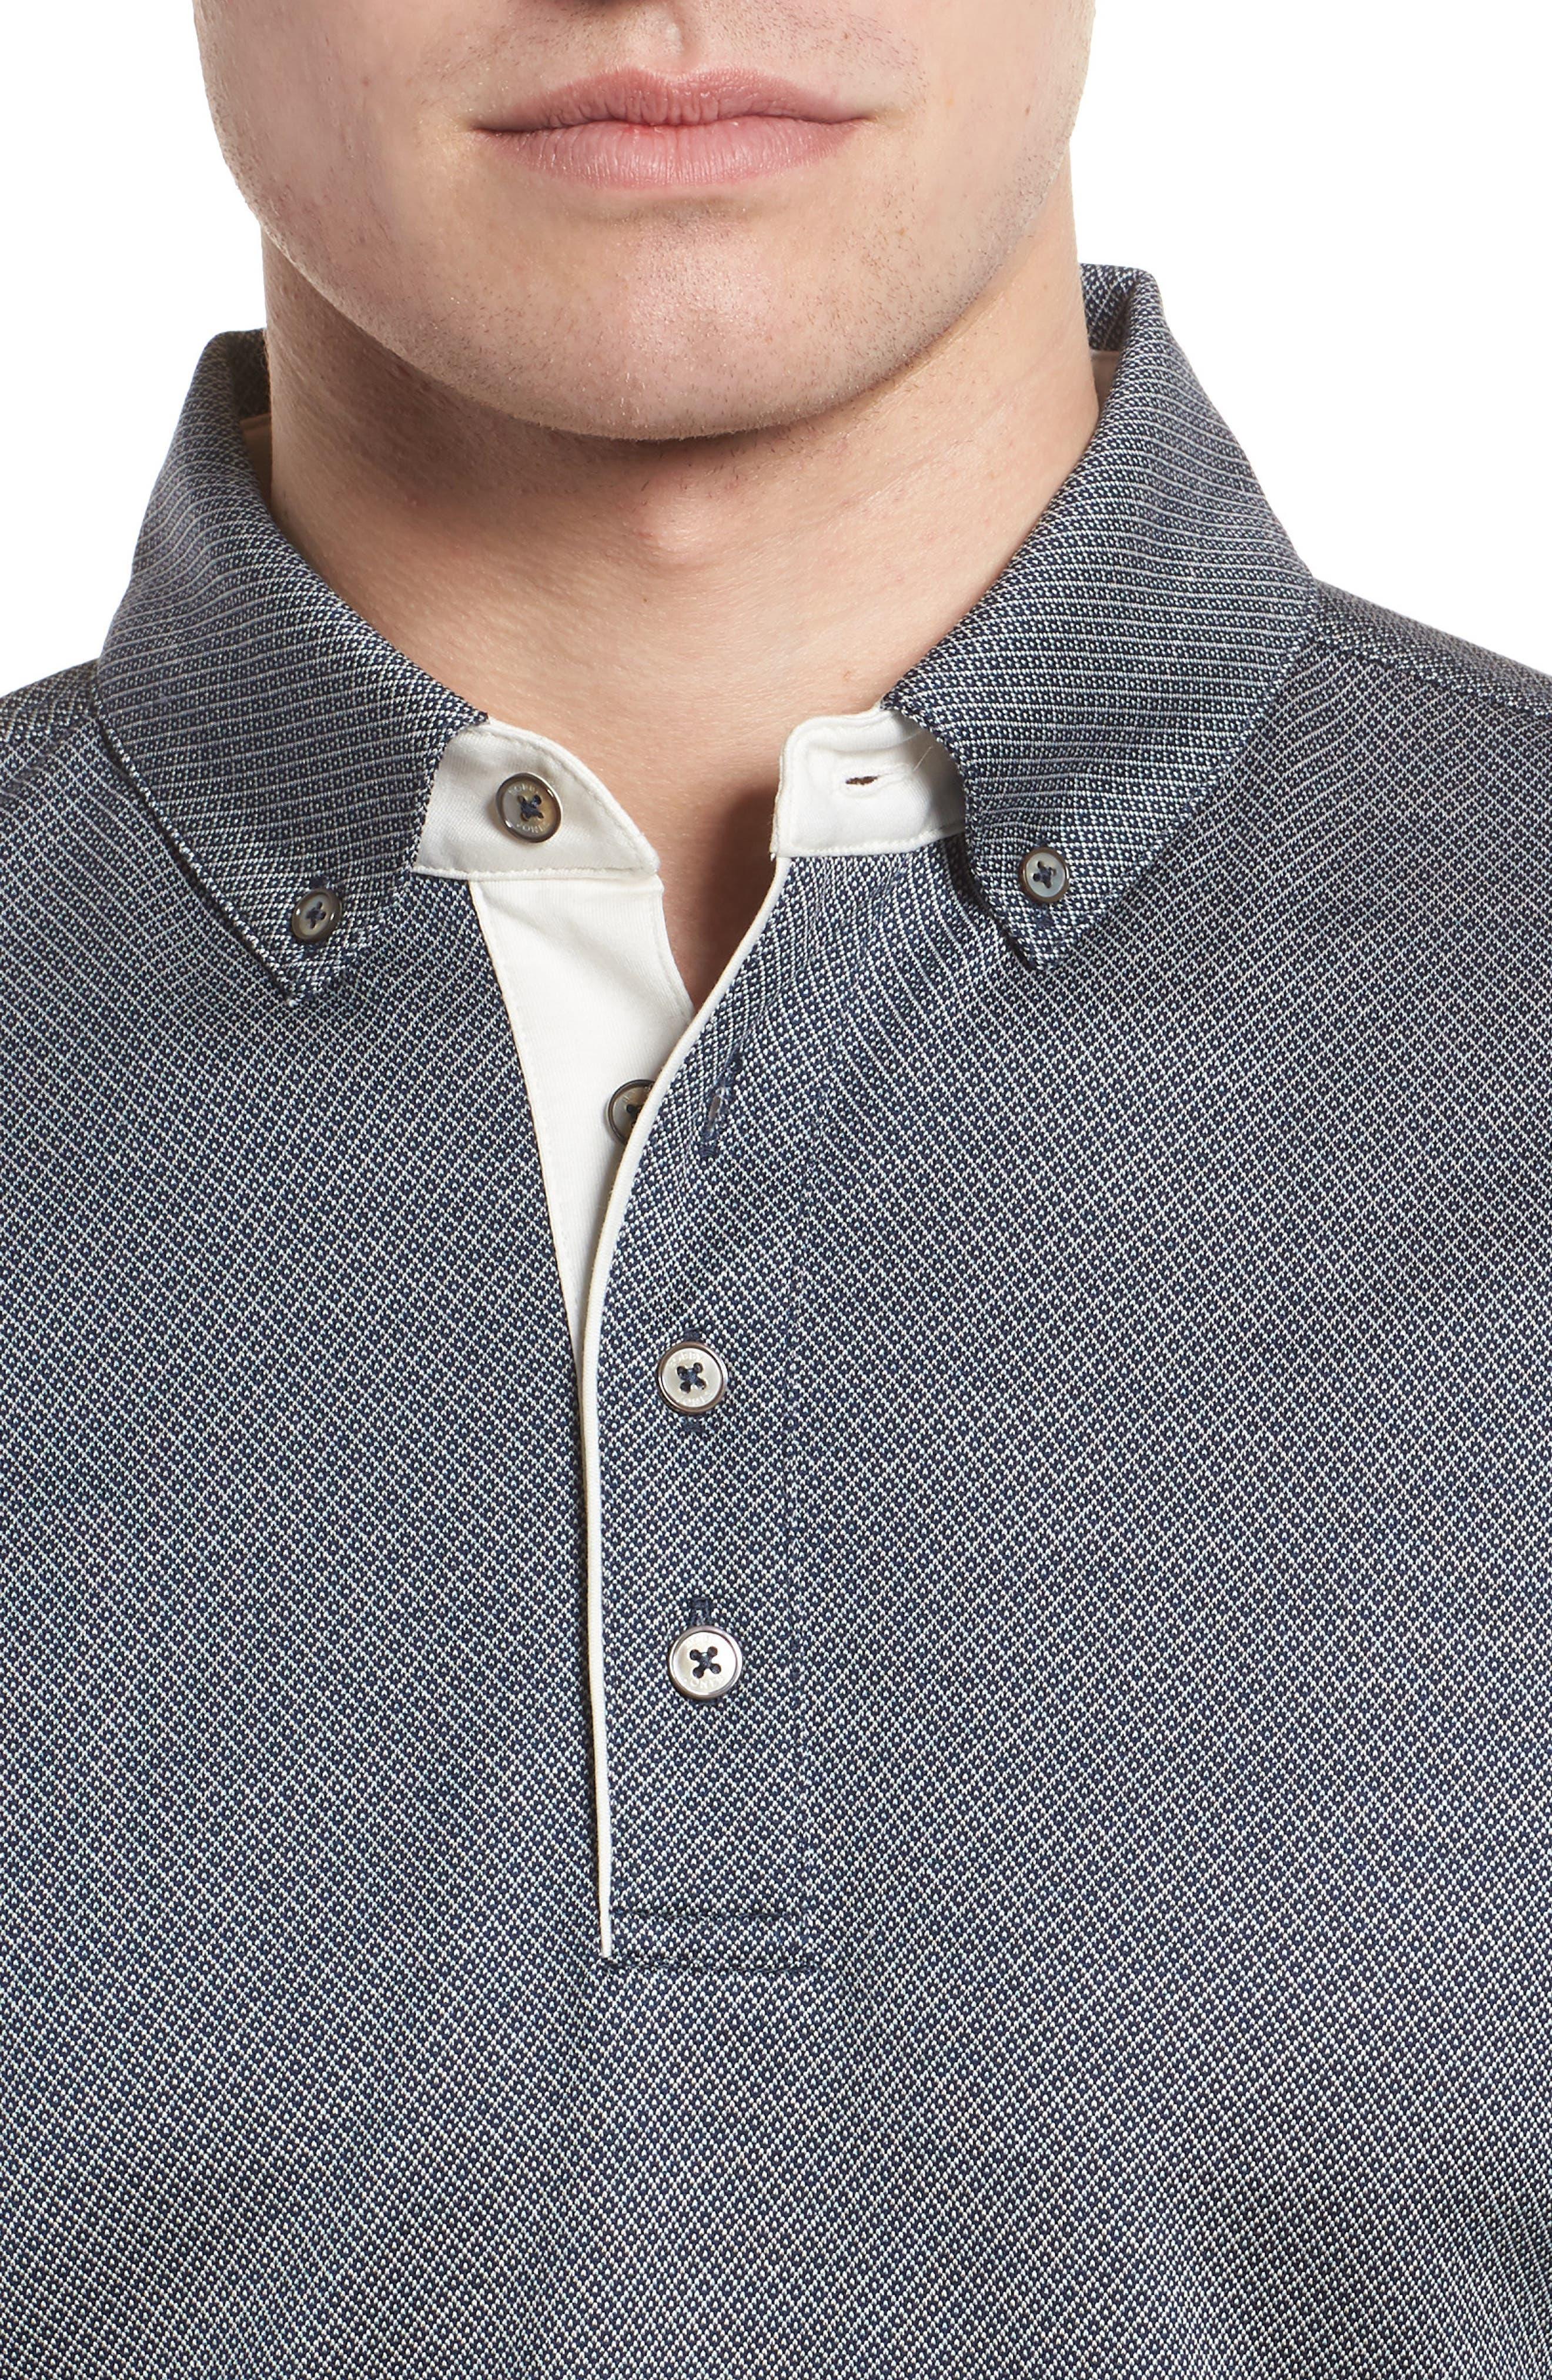 Mercerized Cotton Jacquard Polo,                             Alternate thumbnail 4, color,                             Navy